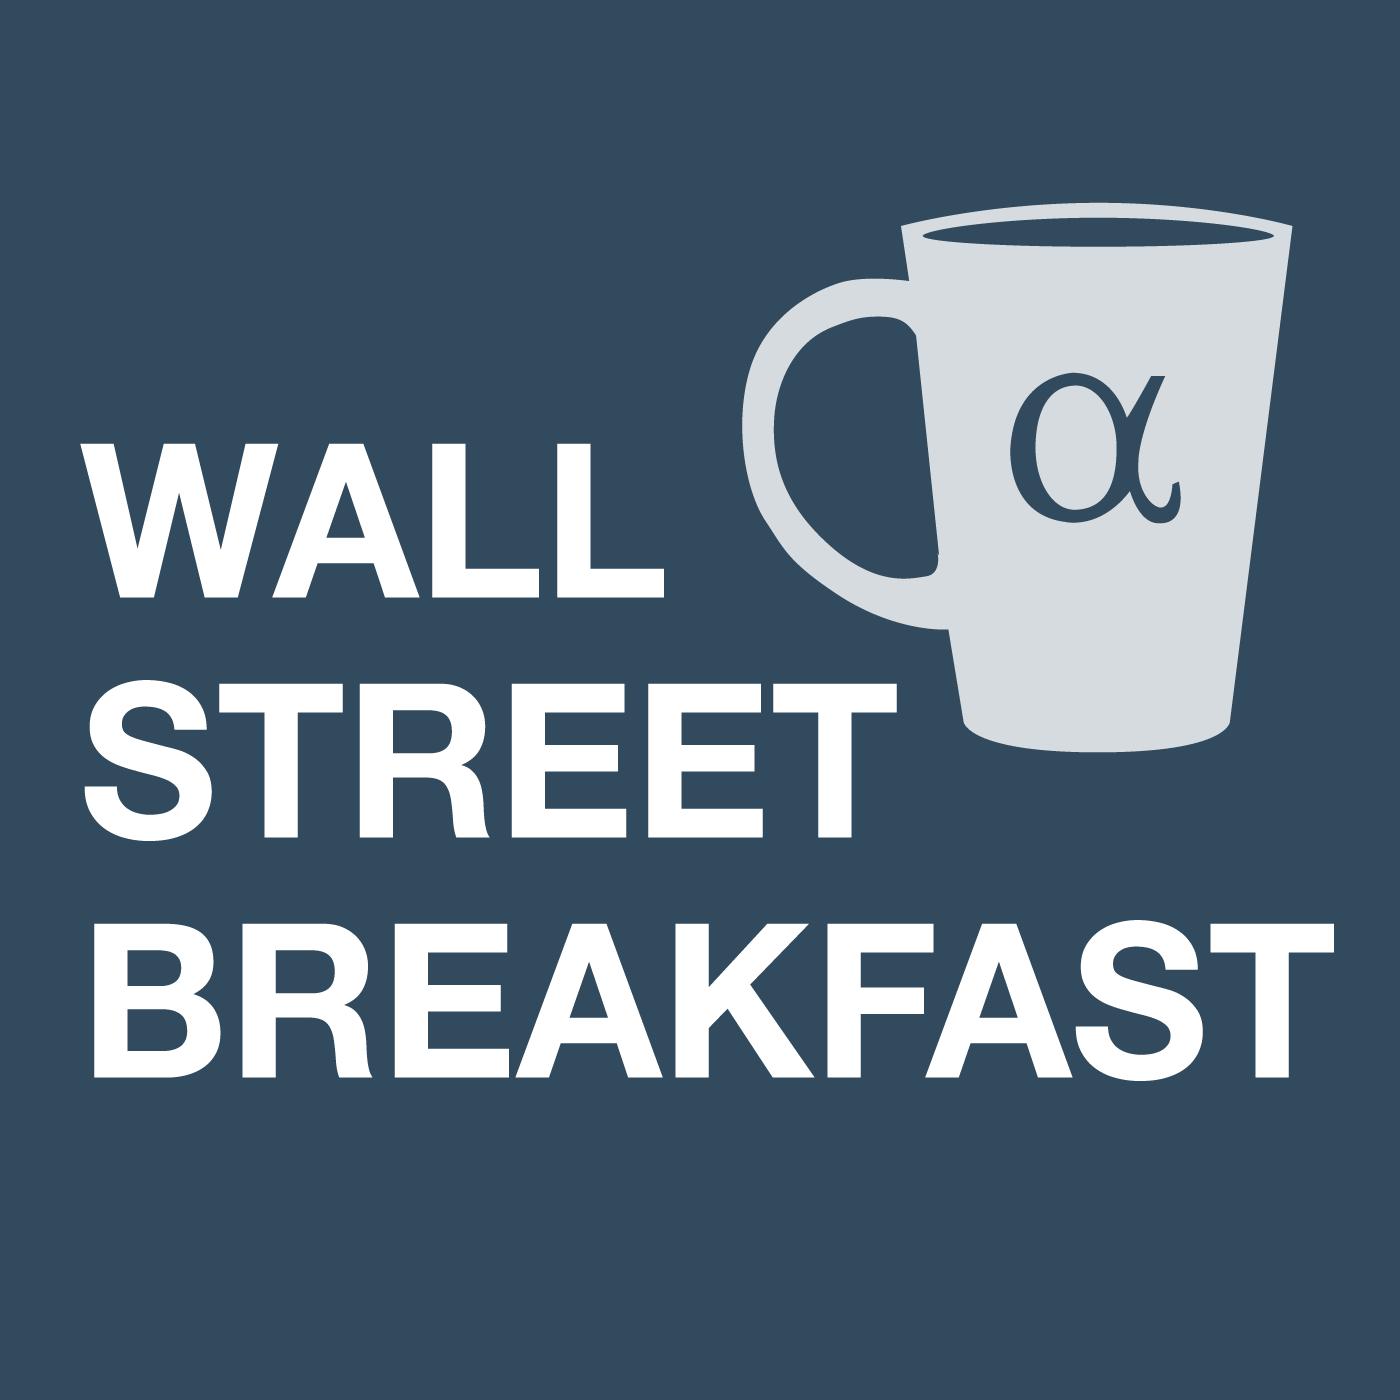 Wall Street Breakfast July 29: Big Tech Before Congress